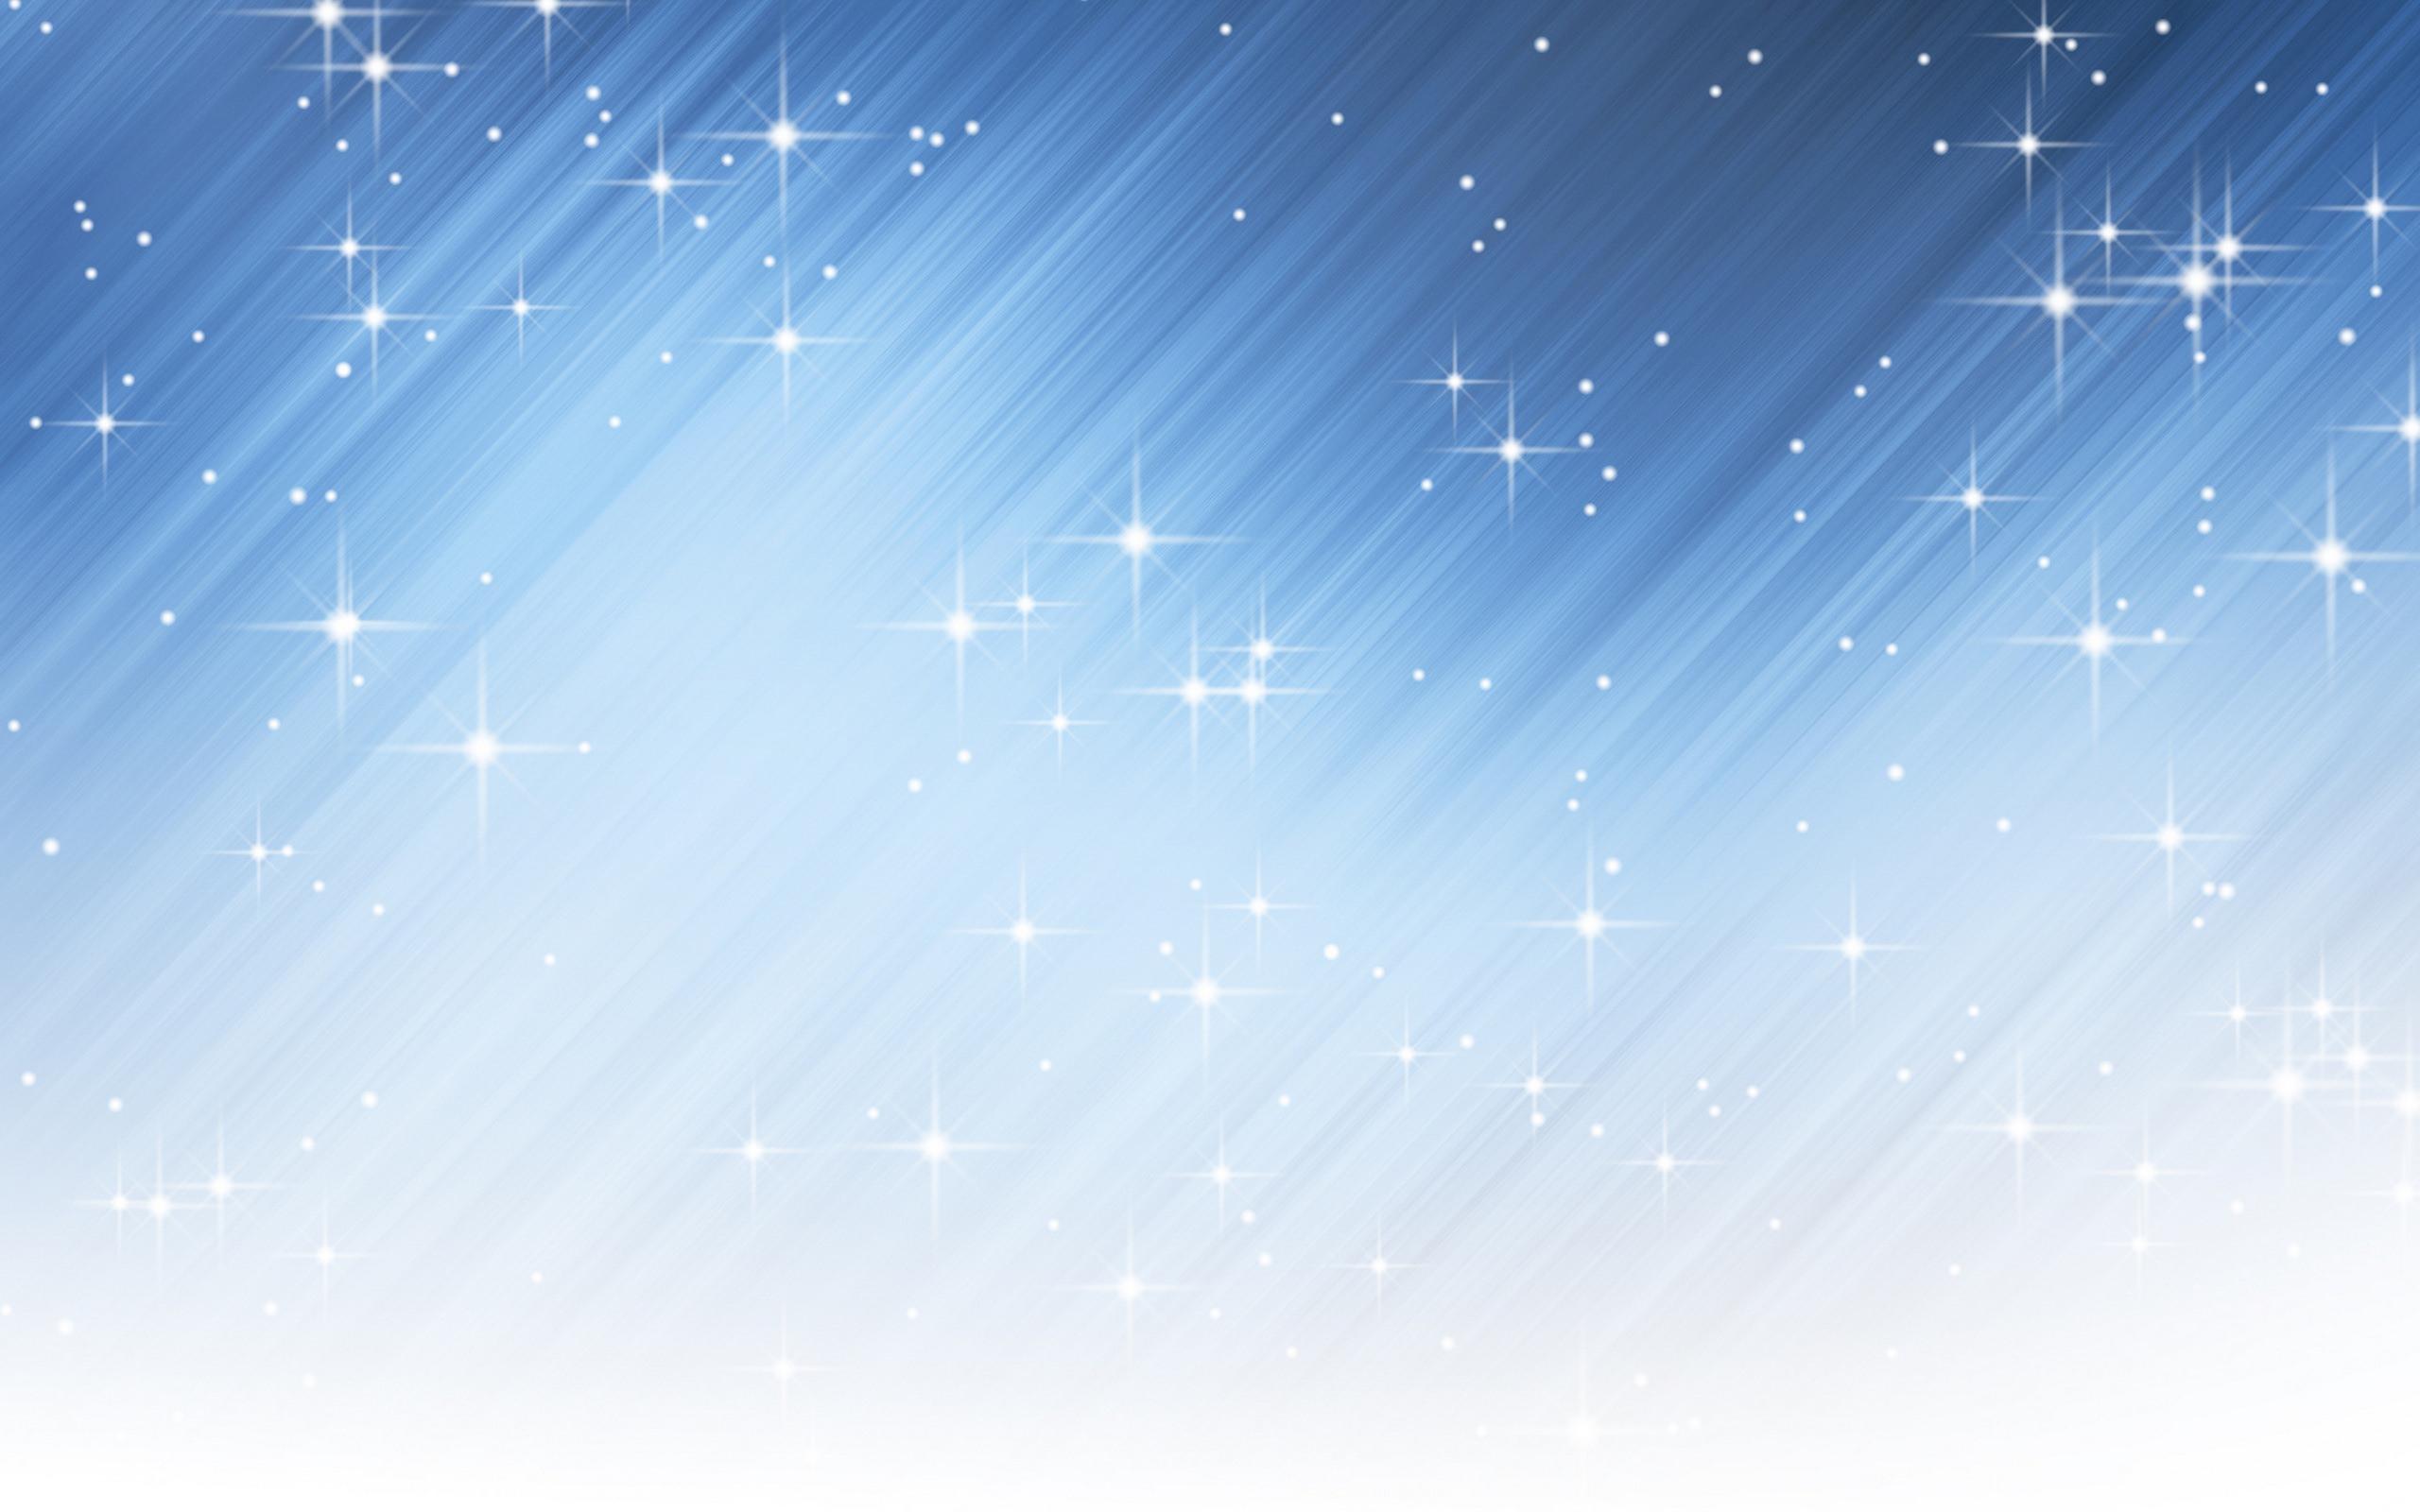 Ảnh nền những ngôi sao lấp lánh